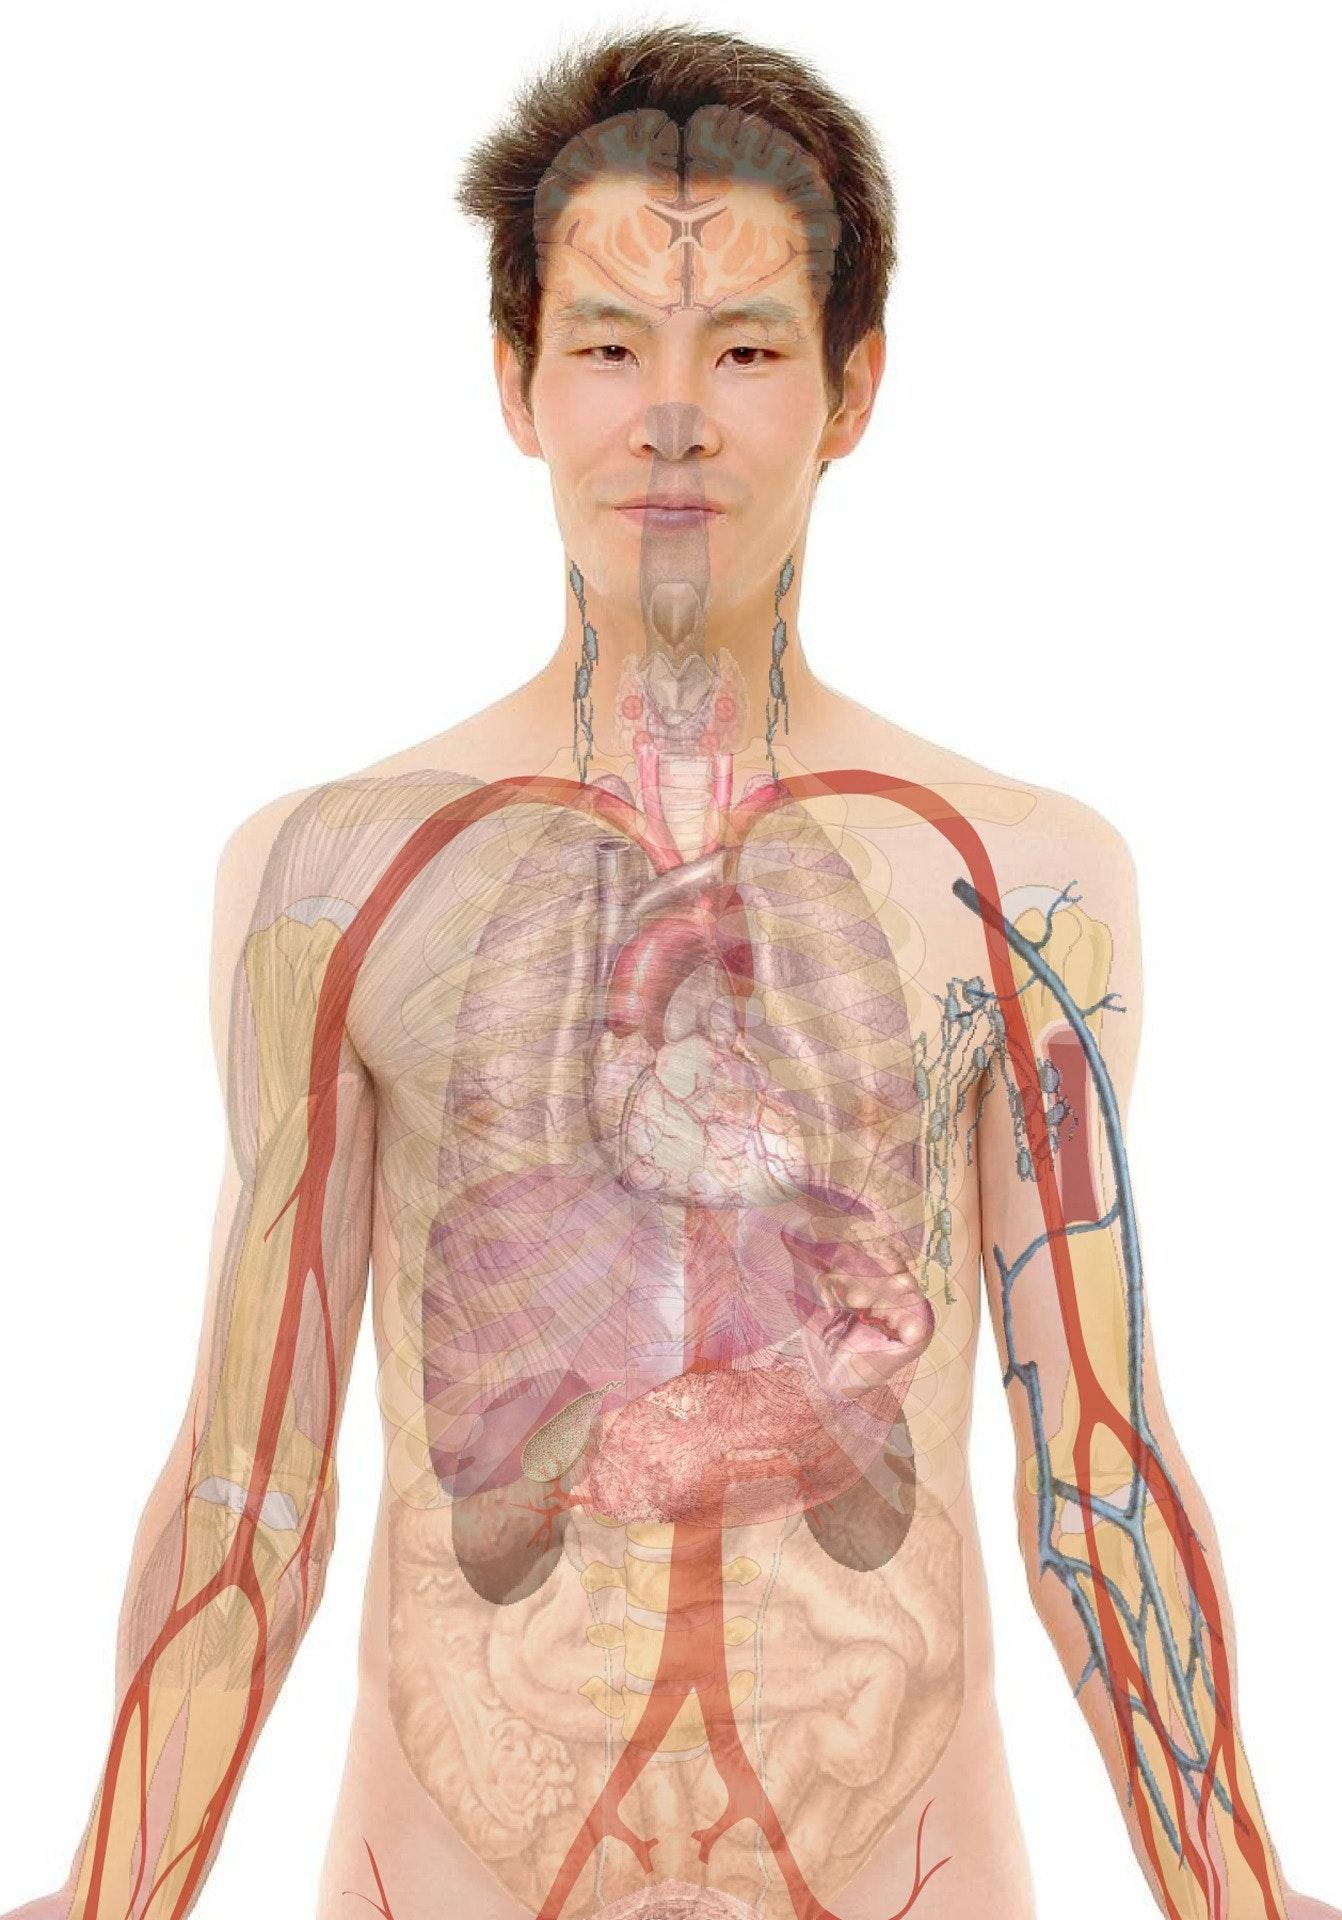 Kostenloses Foto zum Thema: anatomie, augen, bauch